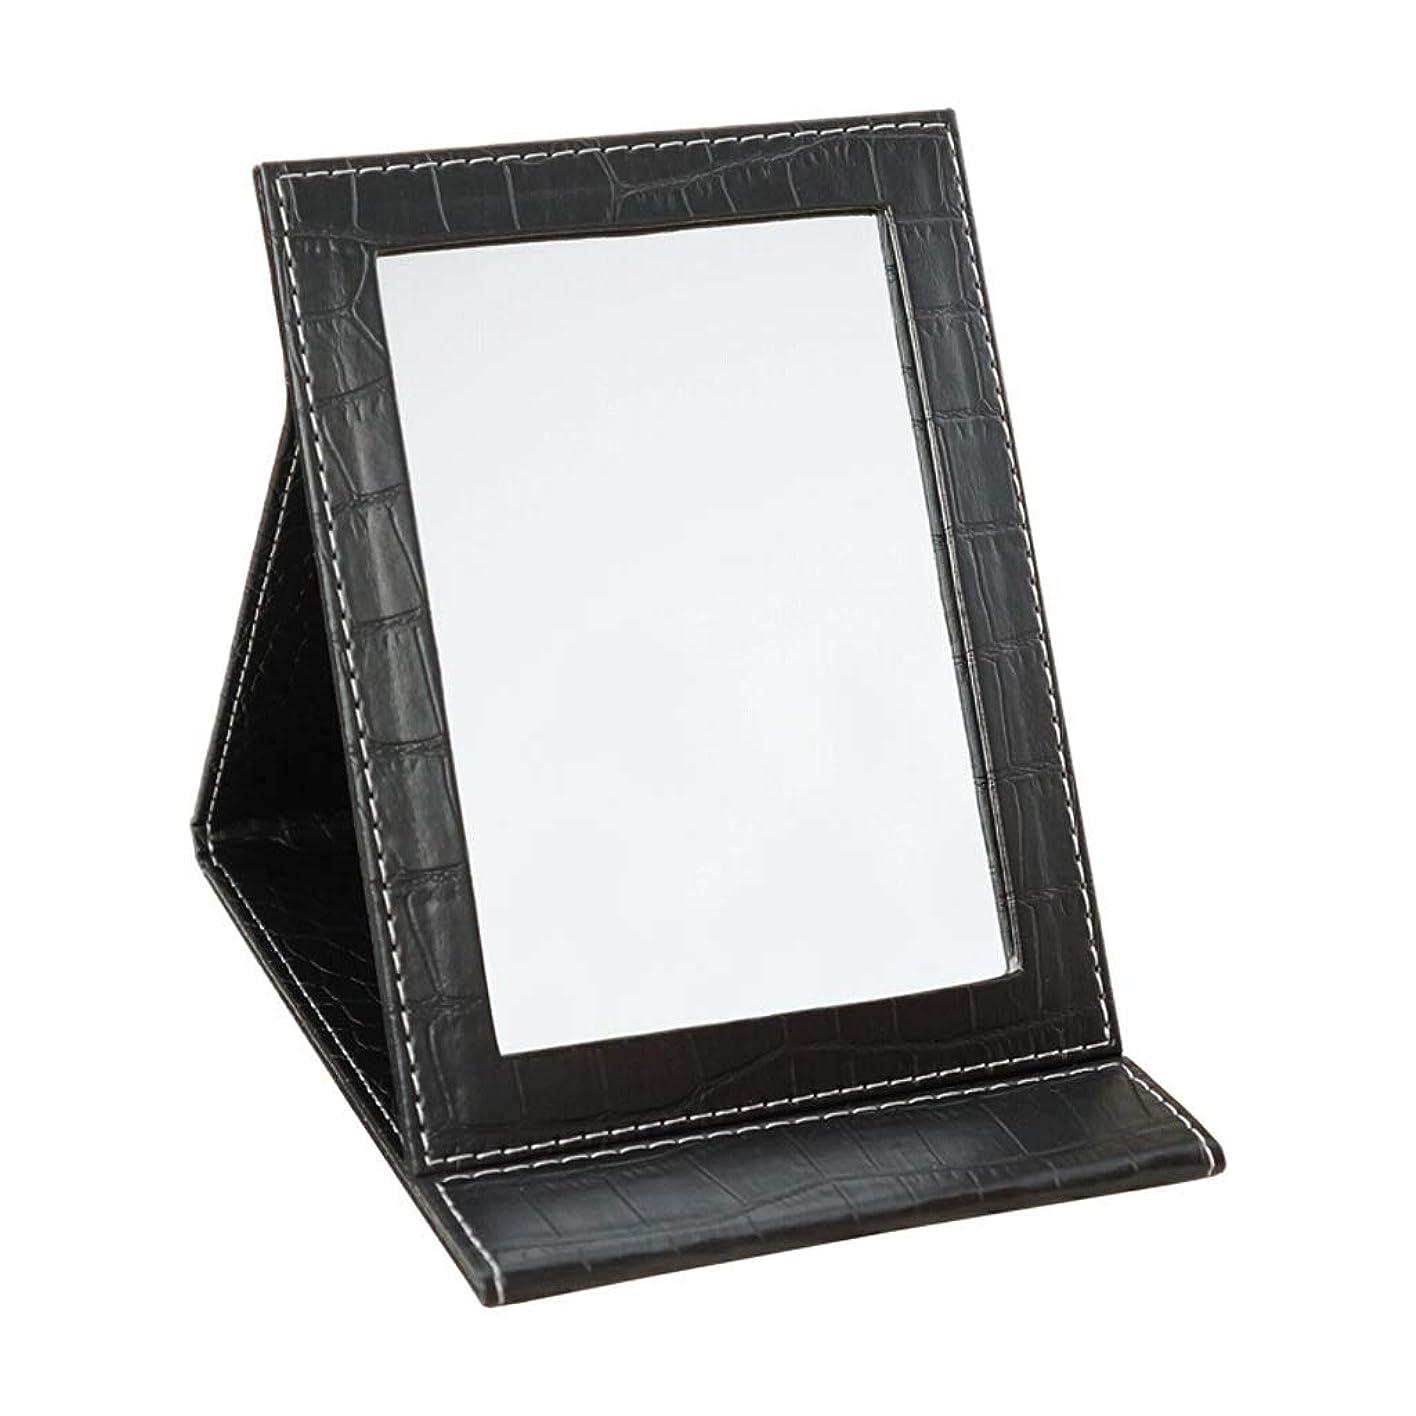 中につかまえる啓示化粧鏡、折りたたみ大型コンパクト化粧鏡、のど革フレーム - 長方形,Black